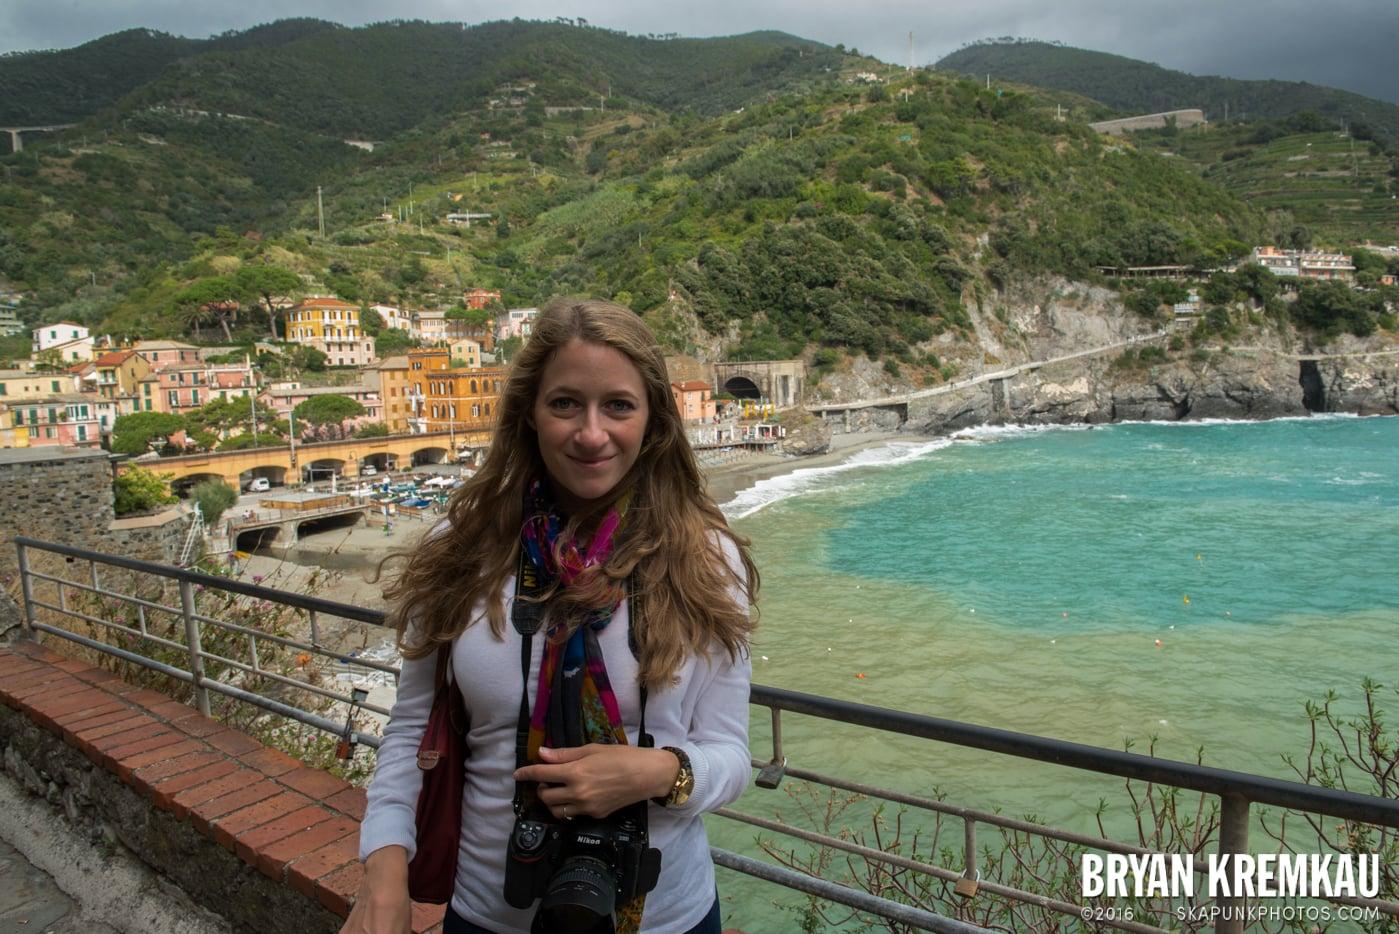 Italy Vacation - Day 10: Cinque Terre - 9.18.13 (23)